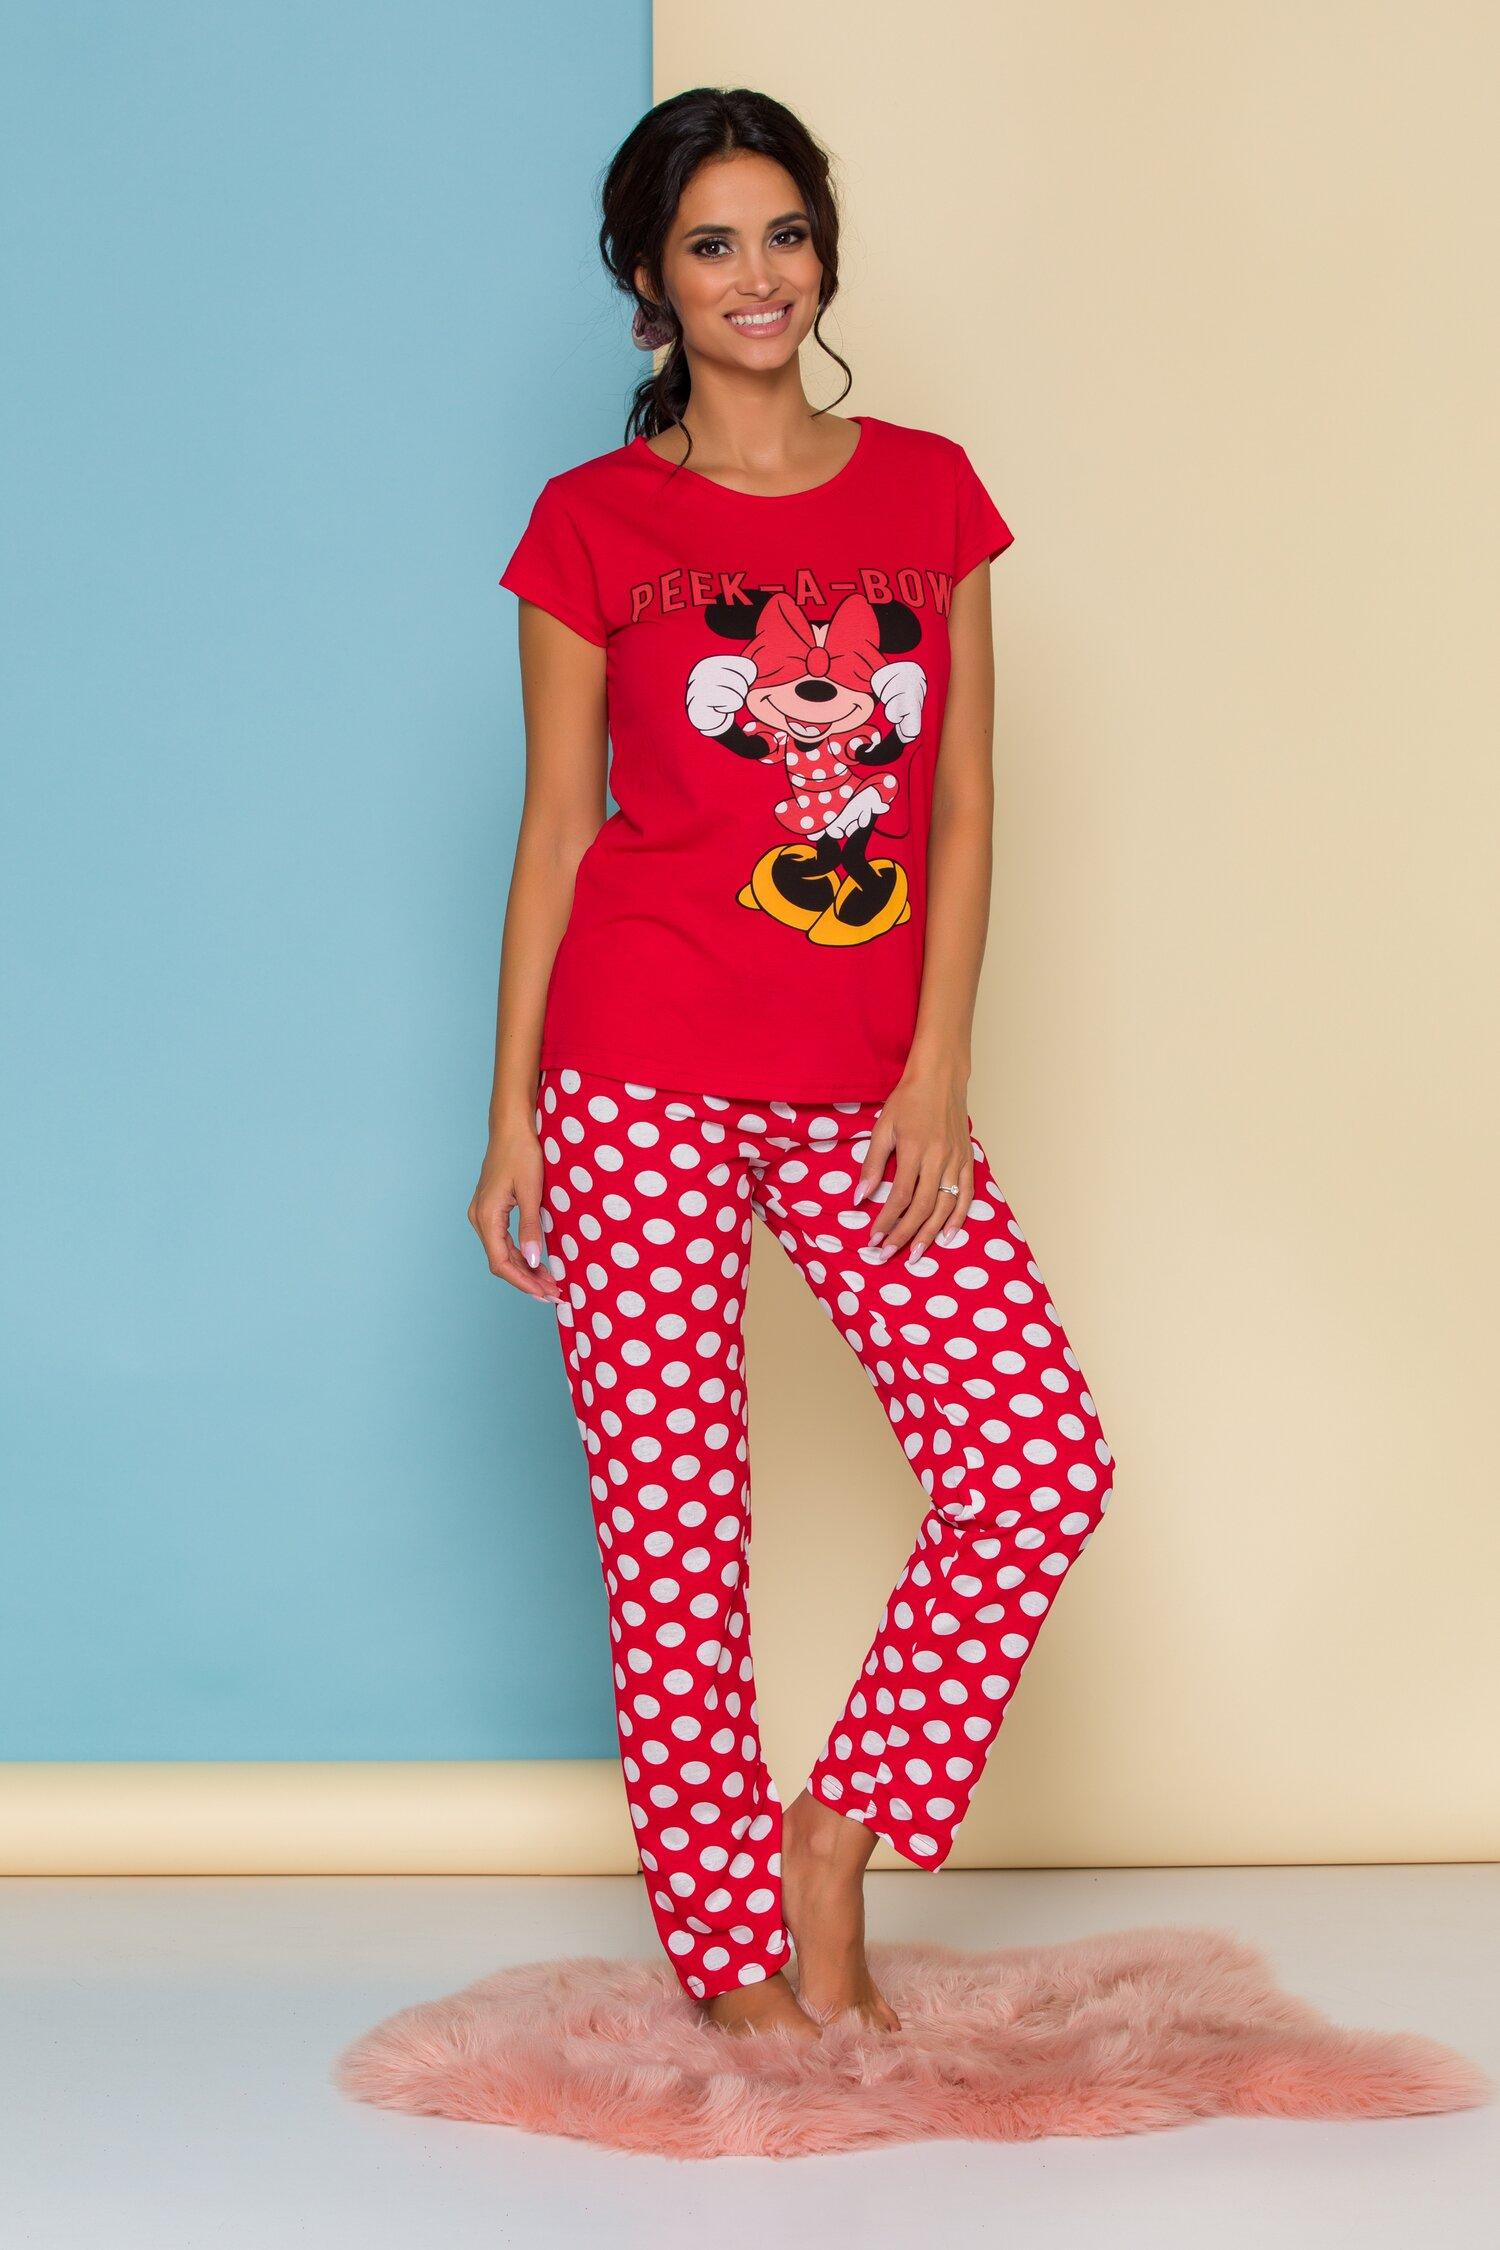 Pijama Peak-a-bow rosie cu Minnie Mouse si buline